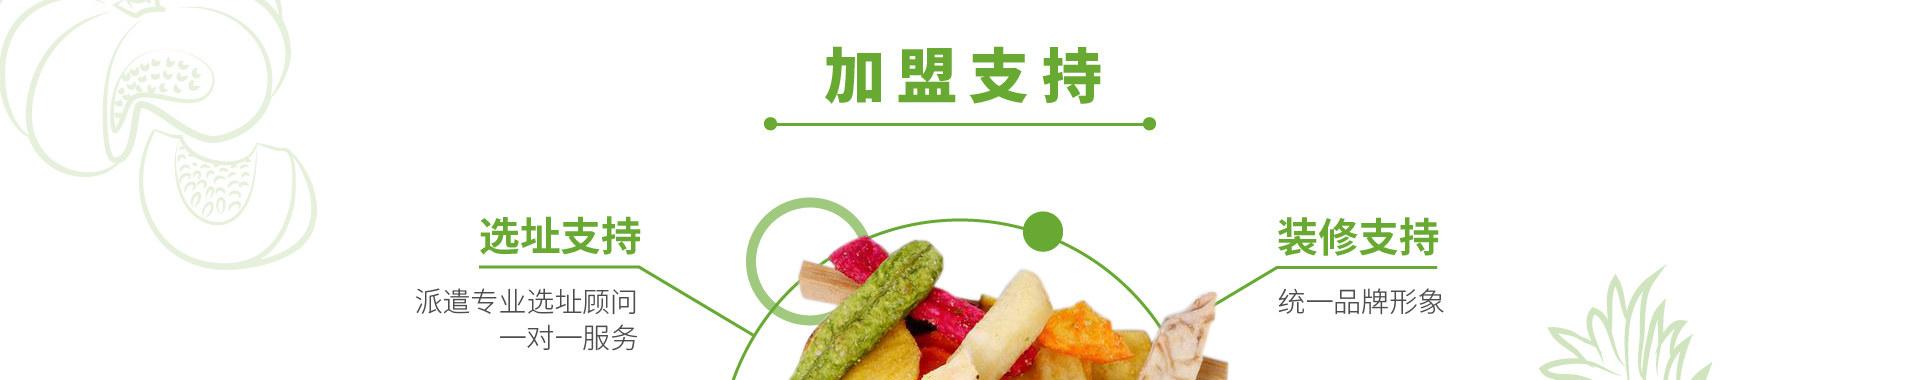 蔬婆婆食蔬果干PC_14